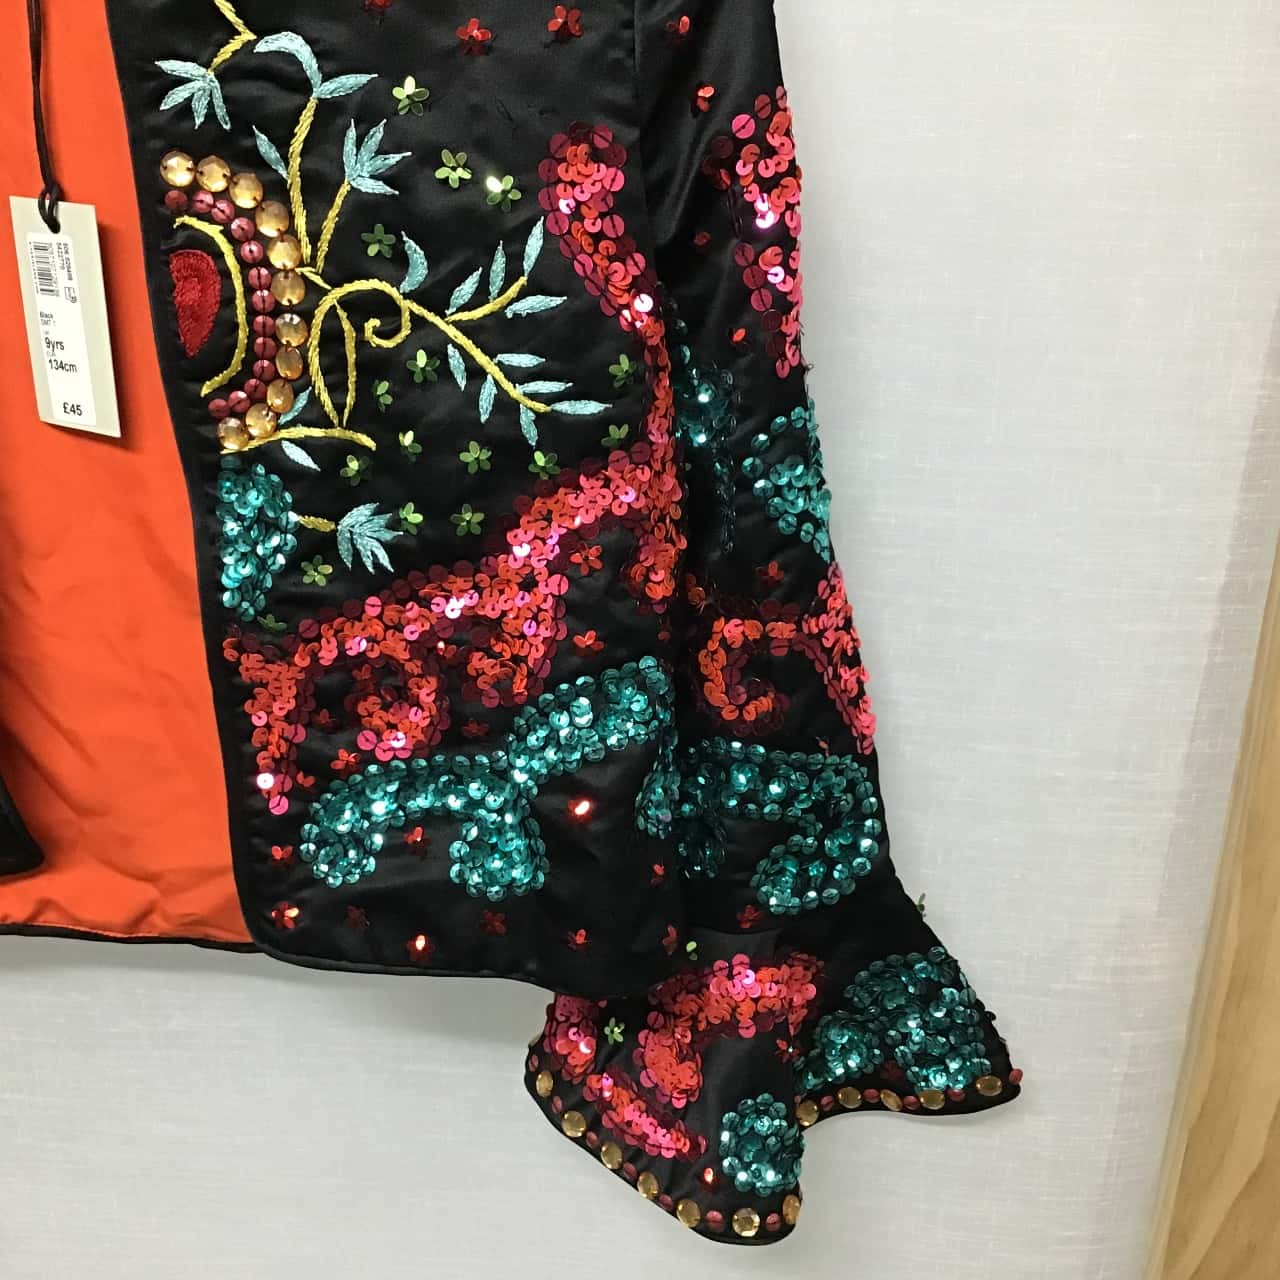 NuStudio River Island, Girl's sequin jacket (needs minor repair), Size 9